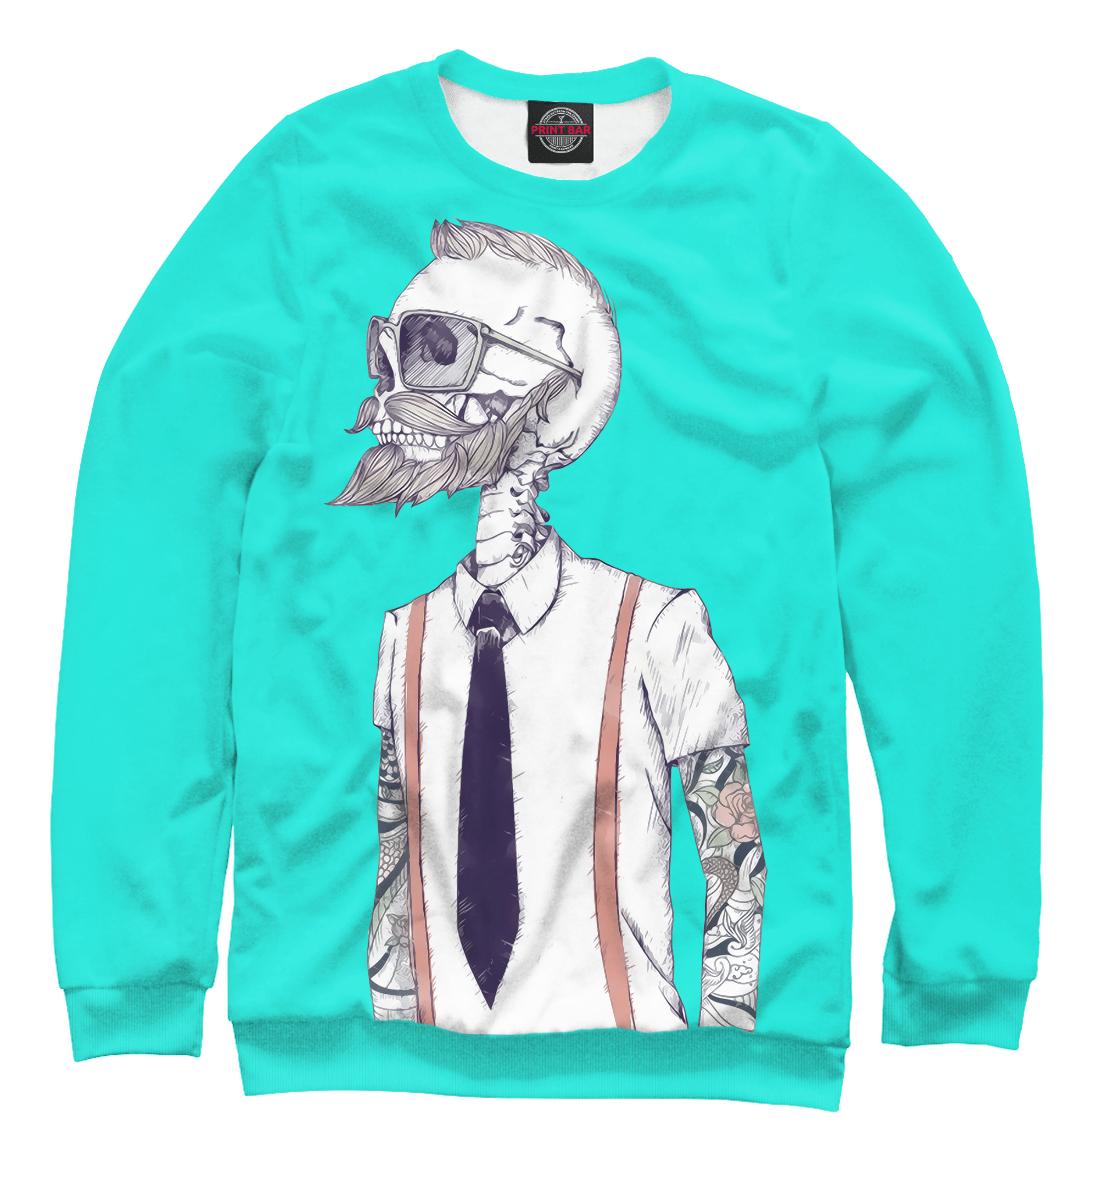 Купить Скелет хипстер, Printbar, Свитшоты, HIP-472435-swi-1